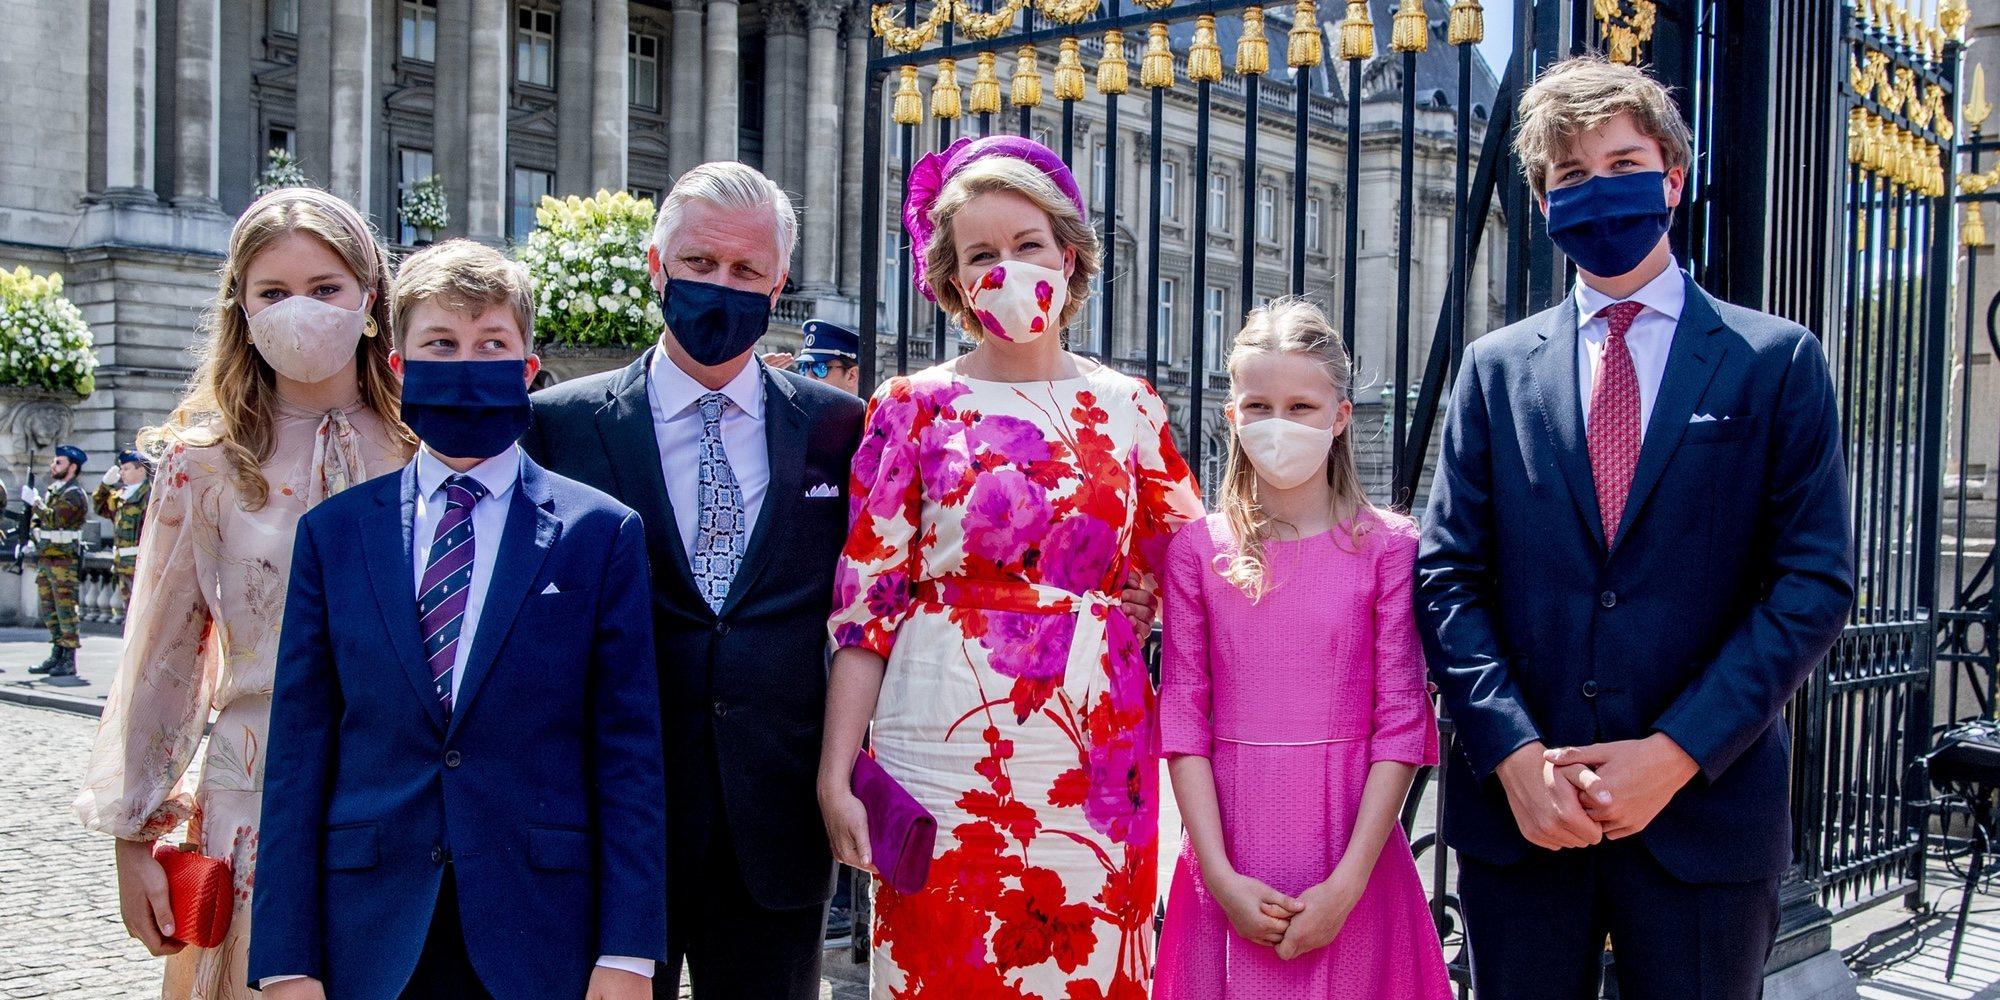 Los Reyes Felipe y Matilde de Bélgica dan normalidad a un atípico Día Nacional de Bélgica 2020